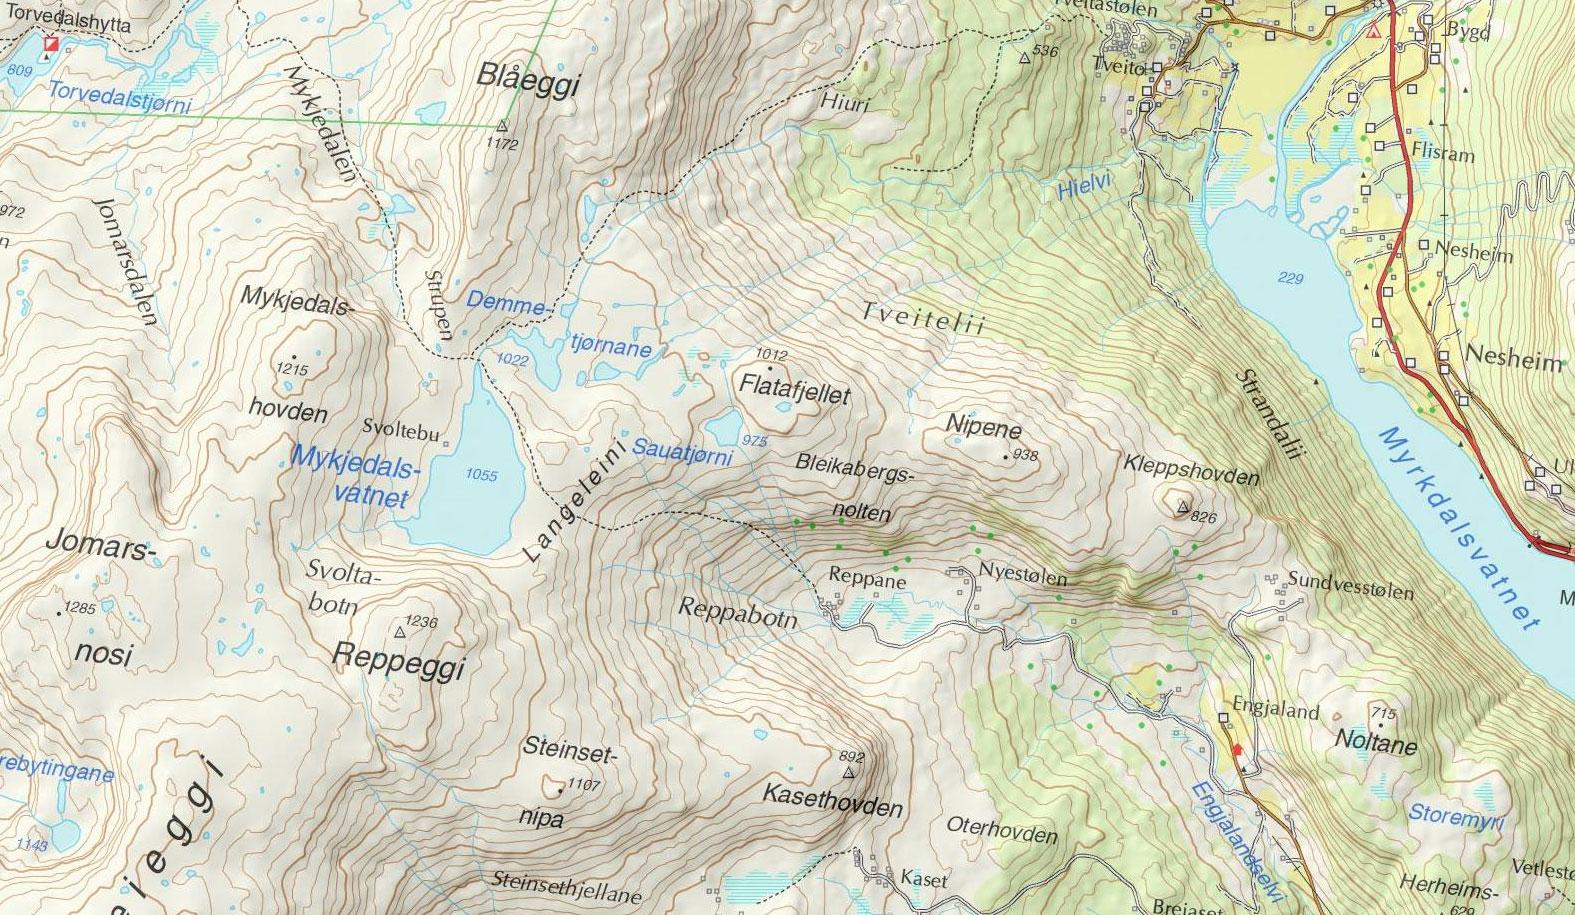 kart norge serien VANDRINGER I NORGE kart norge serien